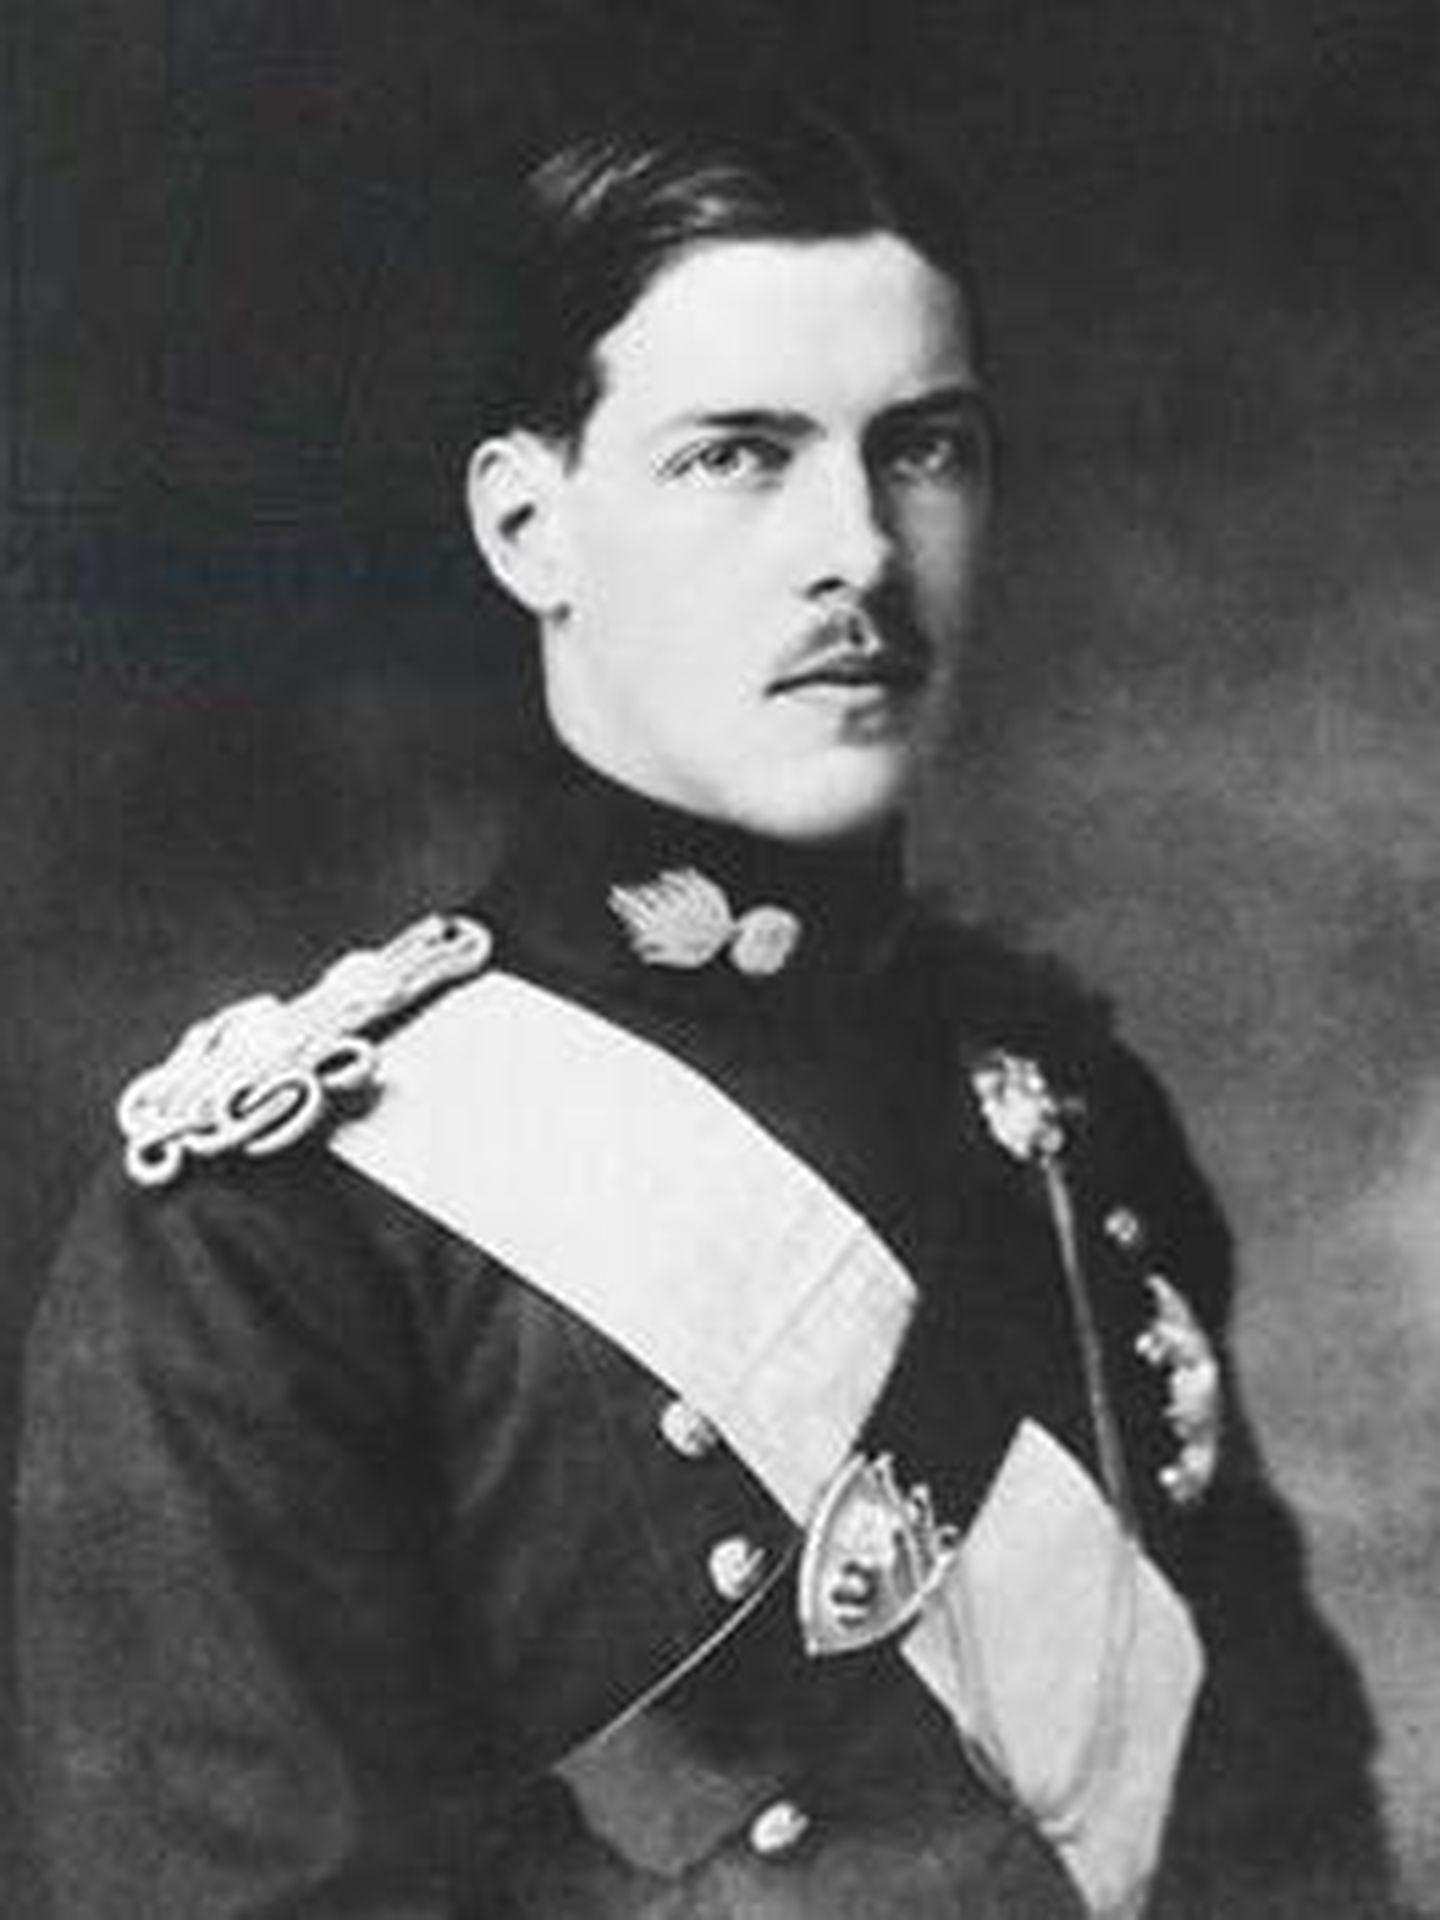 El rey Alejandro de Grecia. (Dominio Público)